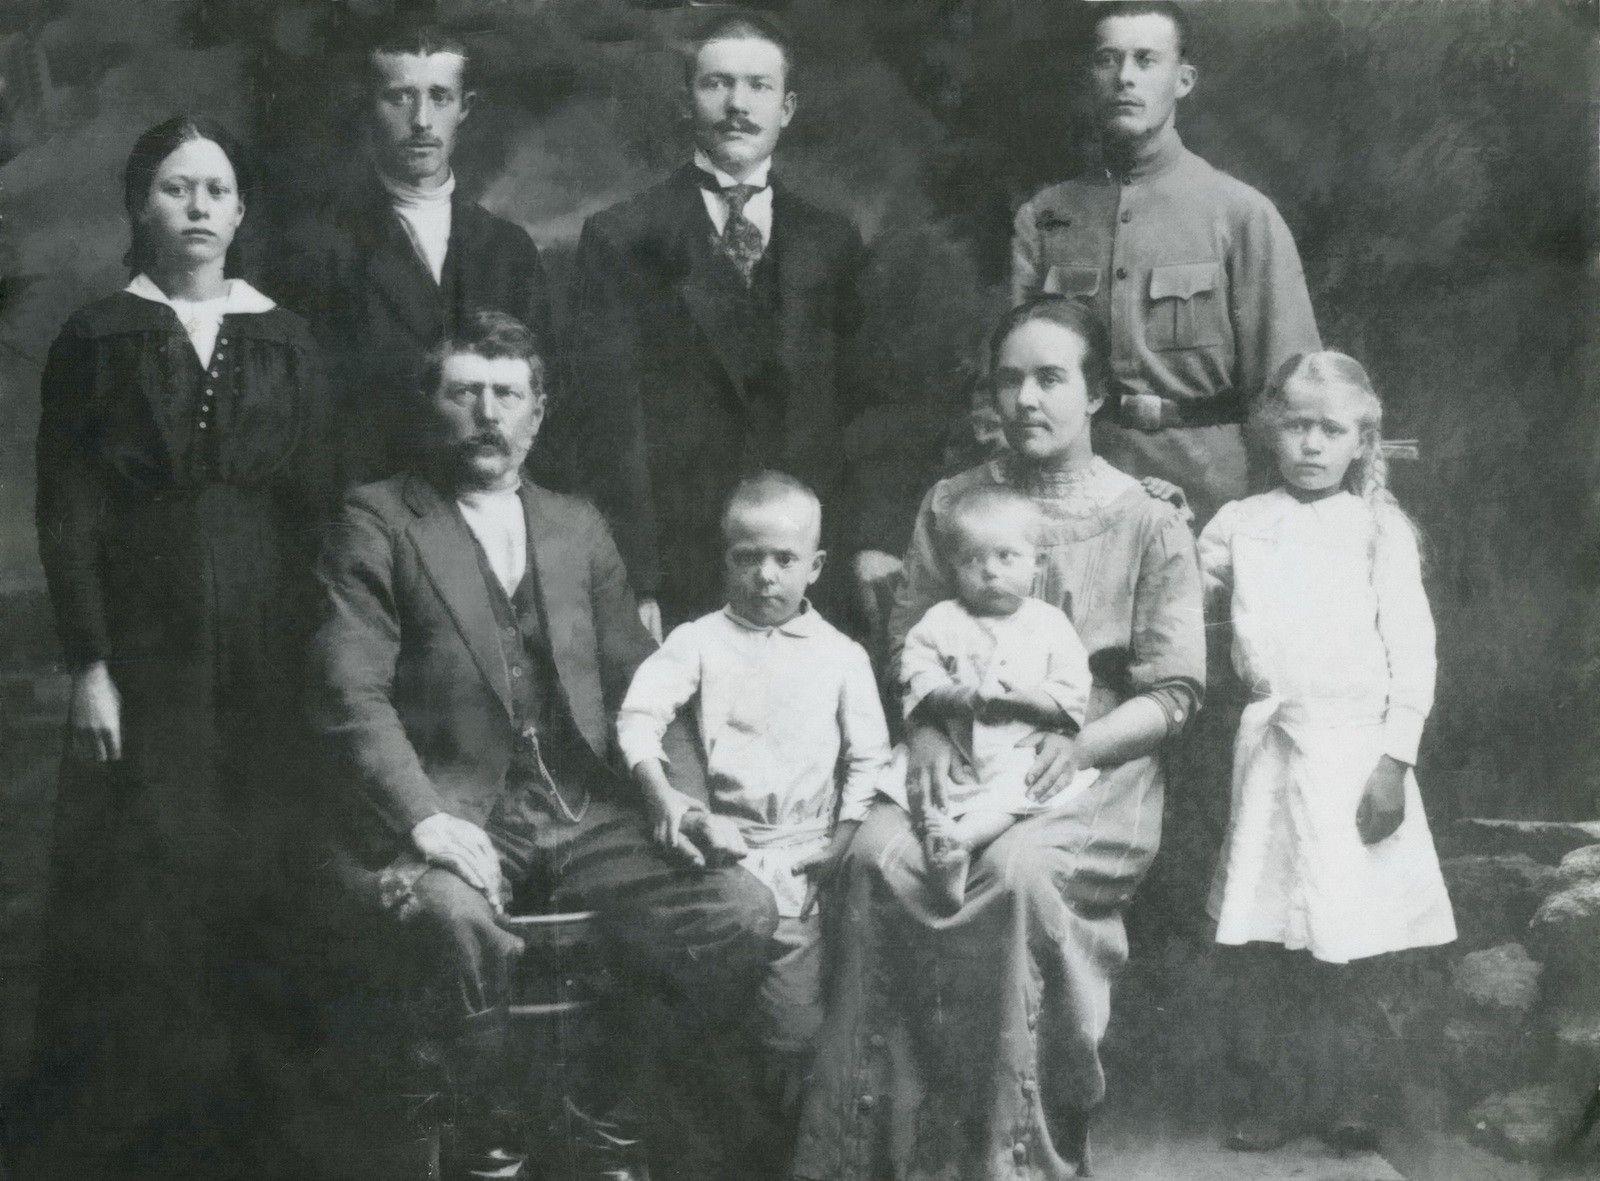 Предки Анны Герман по отцовской линии, фото сделано в начале XX века.